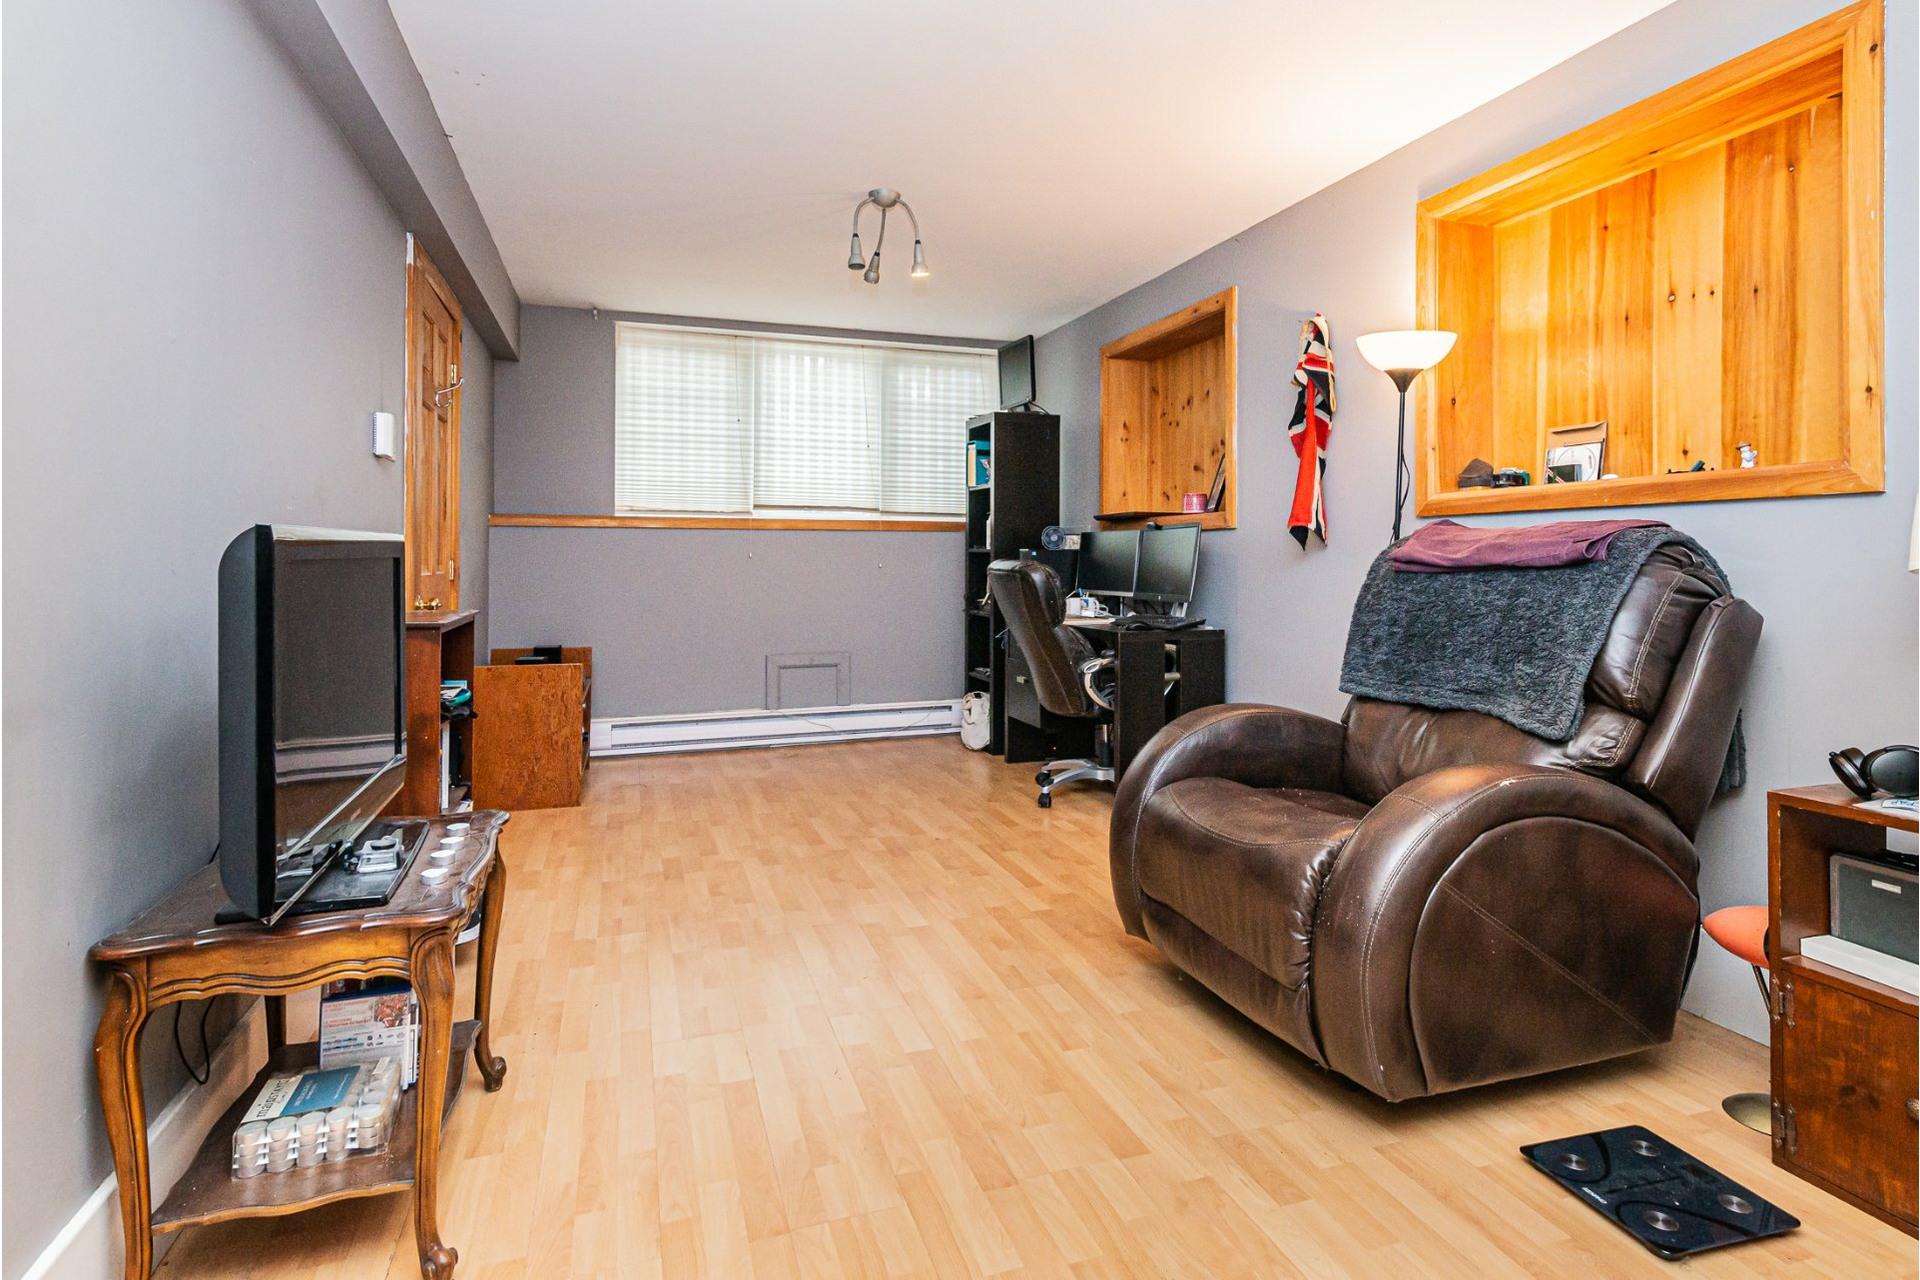 image 17 - Duplex À vendre Côte-des-Neiges/Notre-Dame-de-Grâce Montréal  - 5 pièces